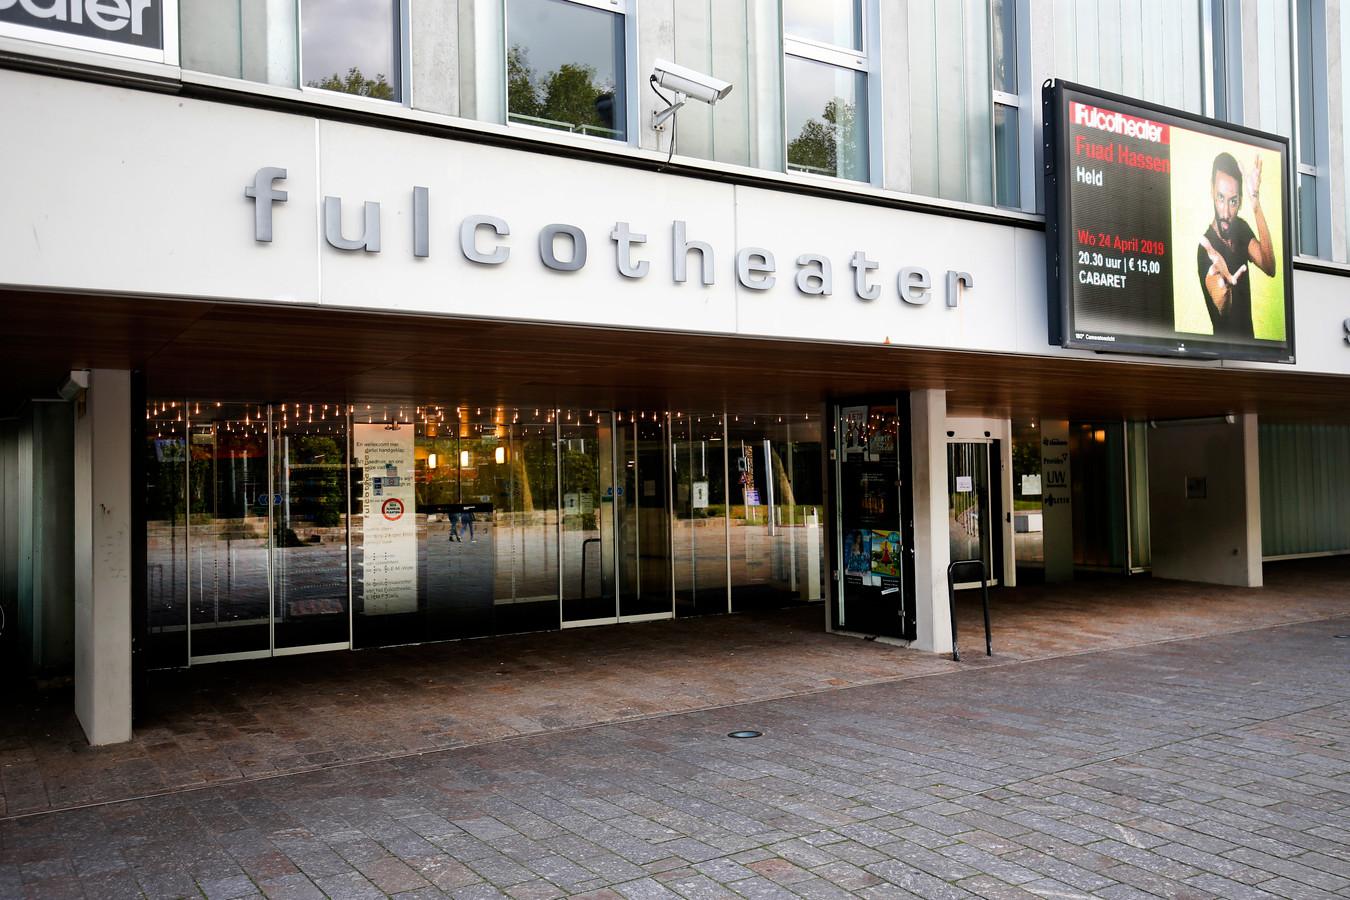 Het gebouw van theater 't Fulco in IJsselstein opent de deuren weer.